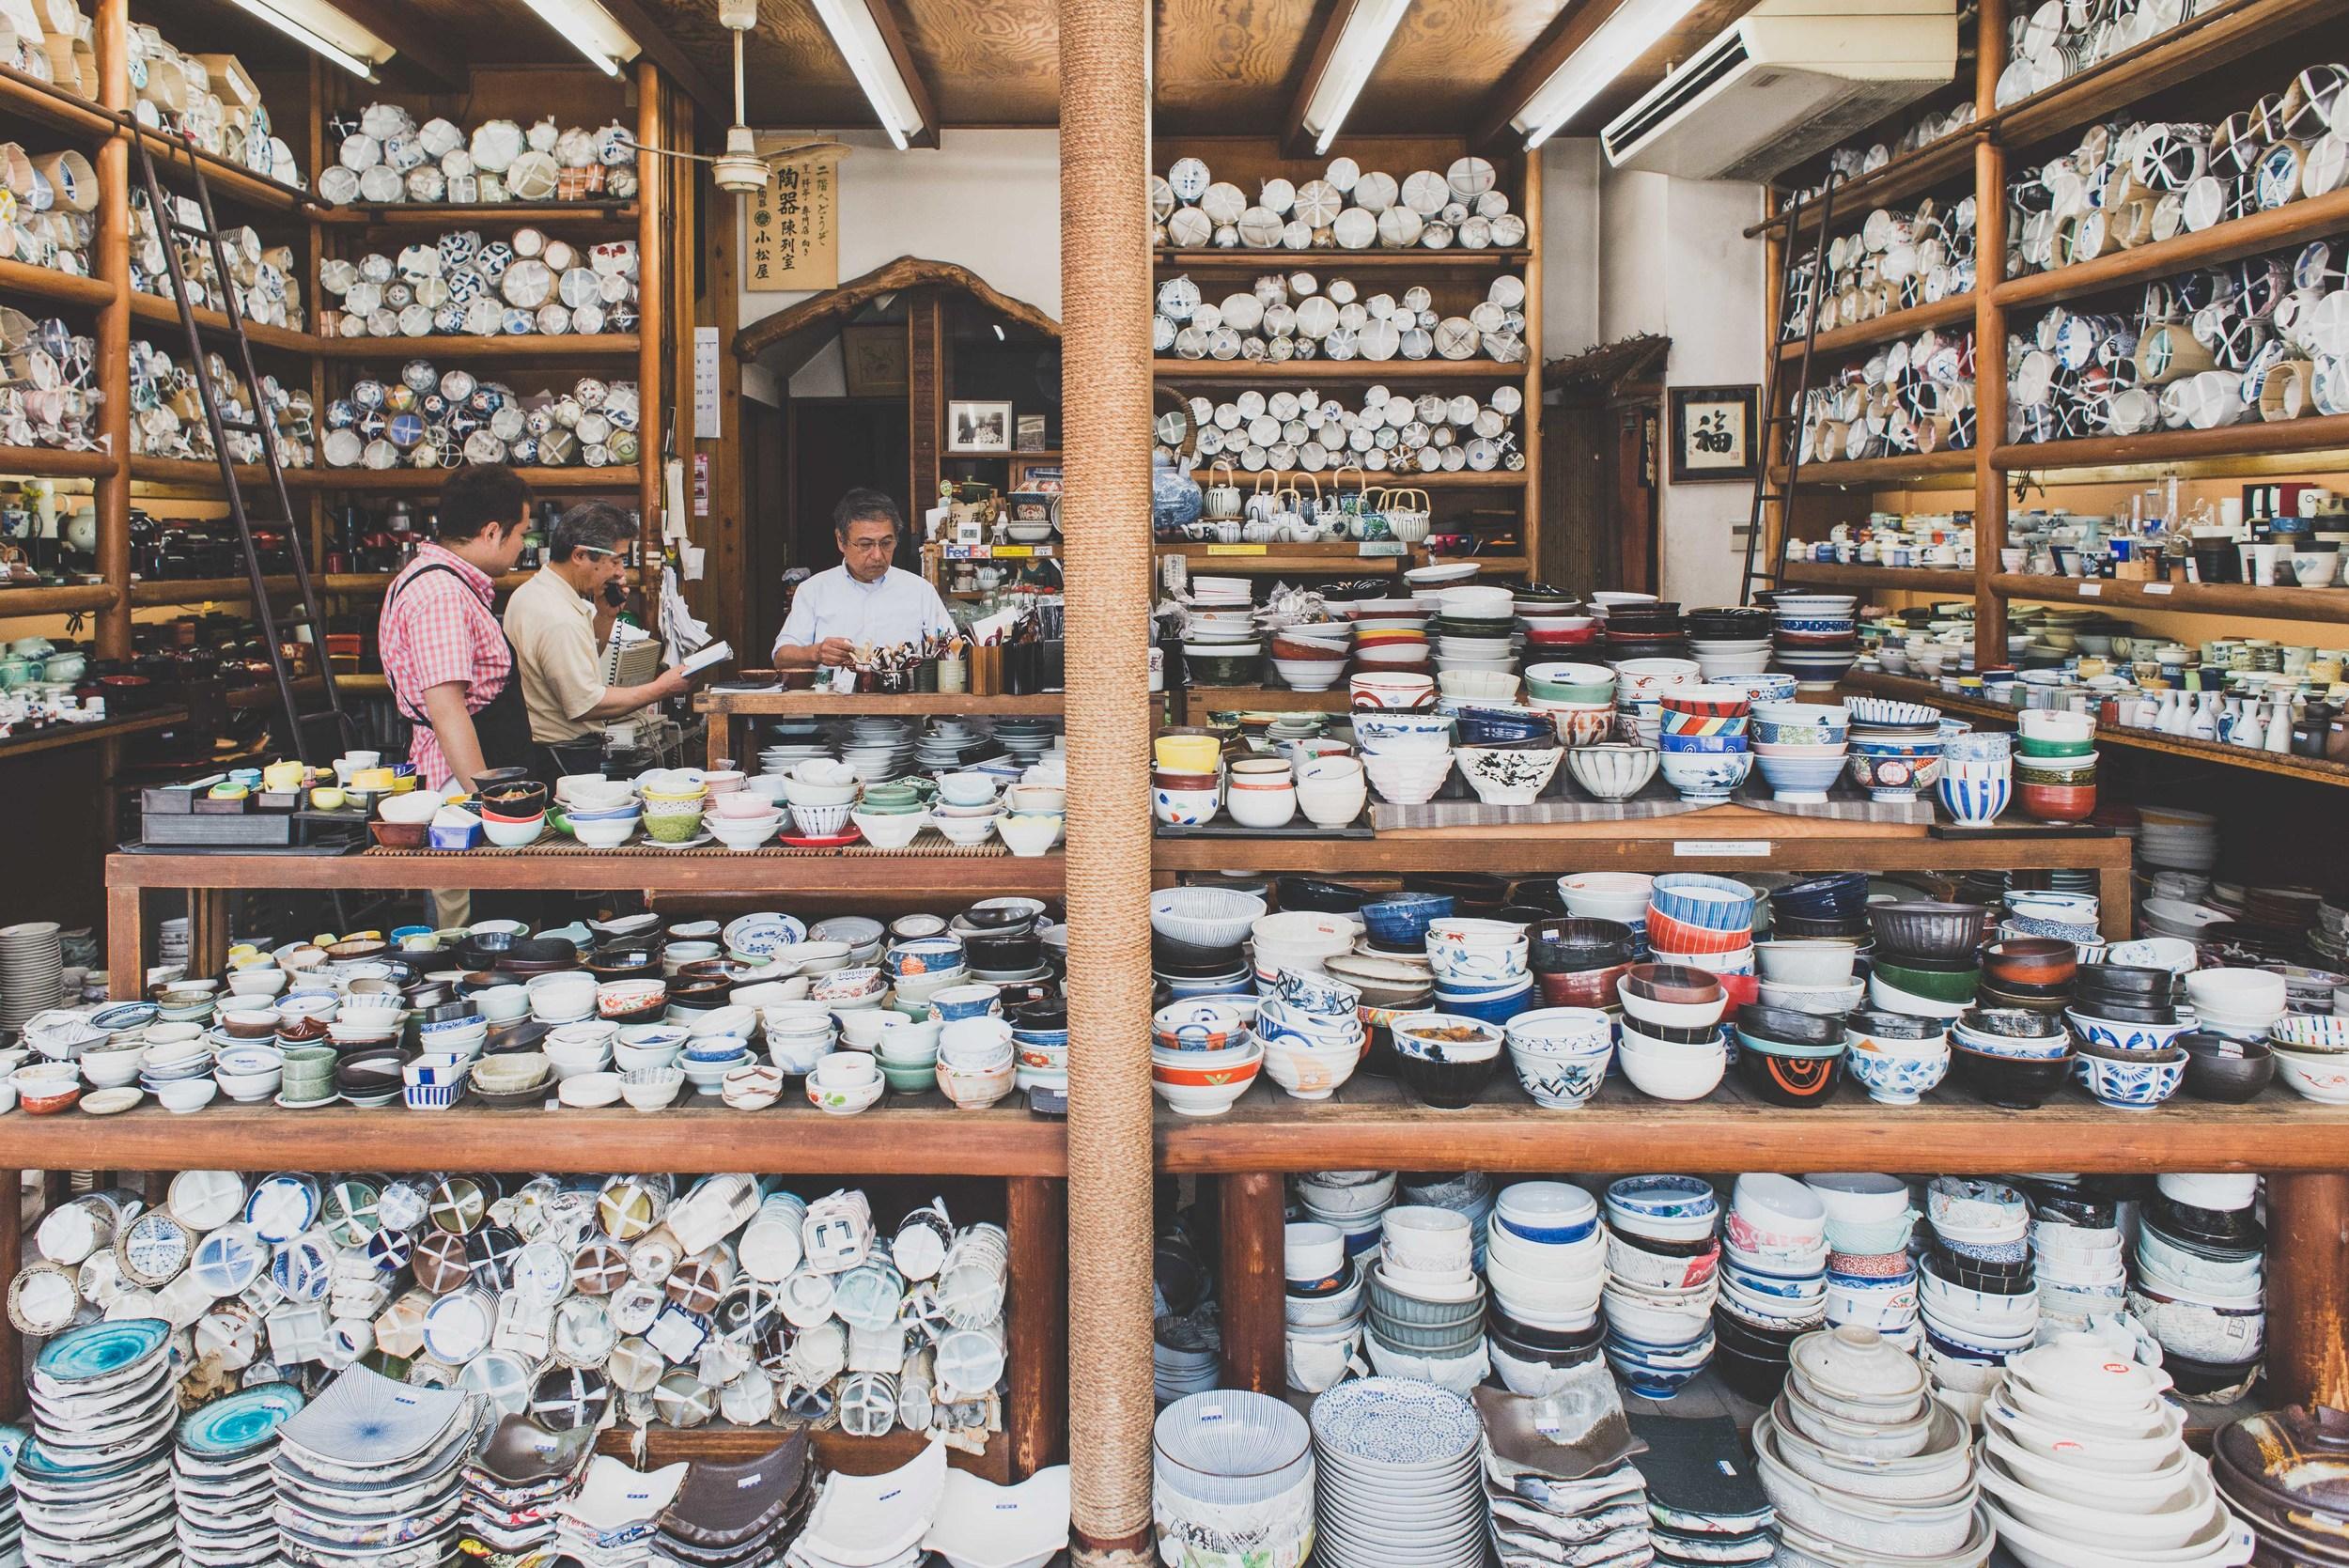 So many bowls